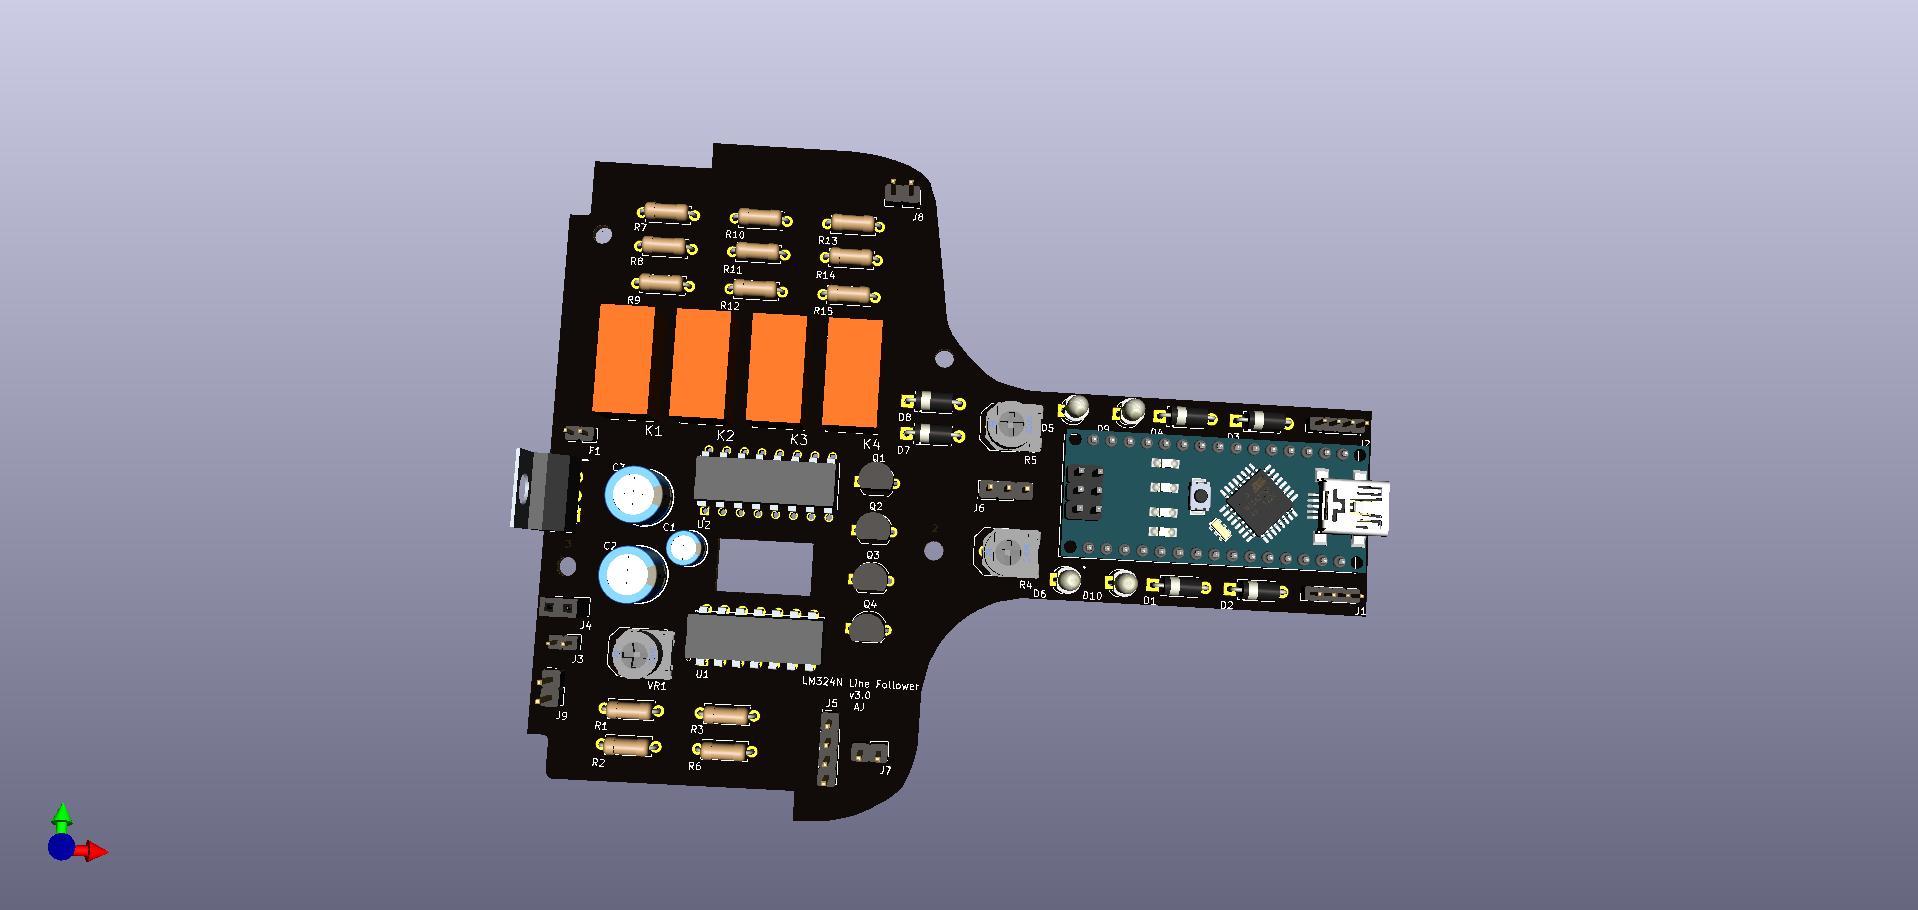 Lm324n with backup arduino nano line follower osmajs4wjd